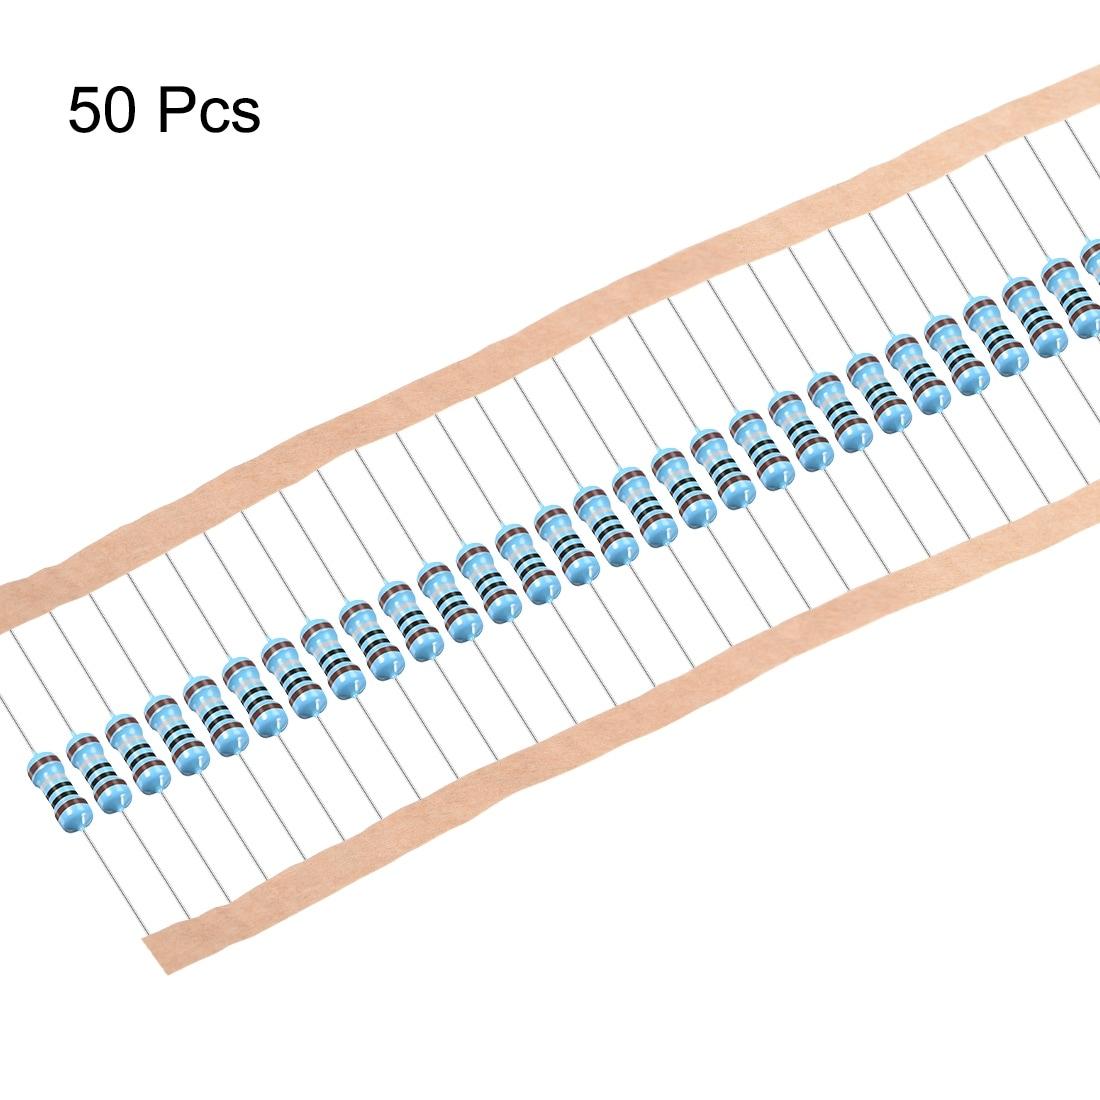 50 Pcs 5 W 5 W Metal oxide Film Résistance Axial Lead 100 Ohm ± 5/% tolérance